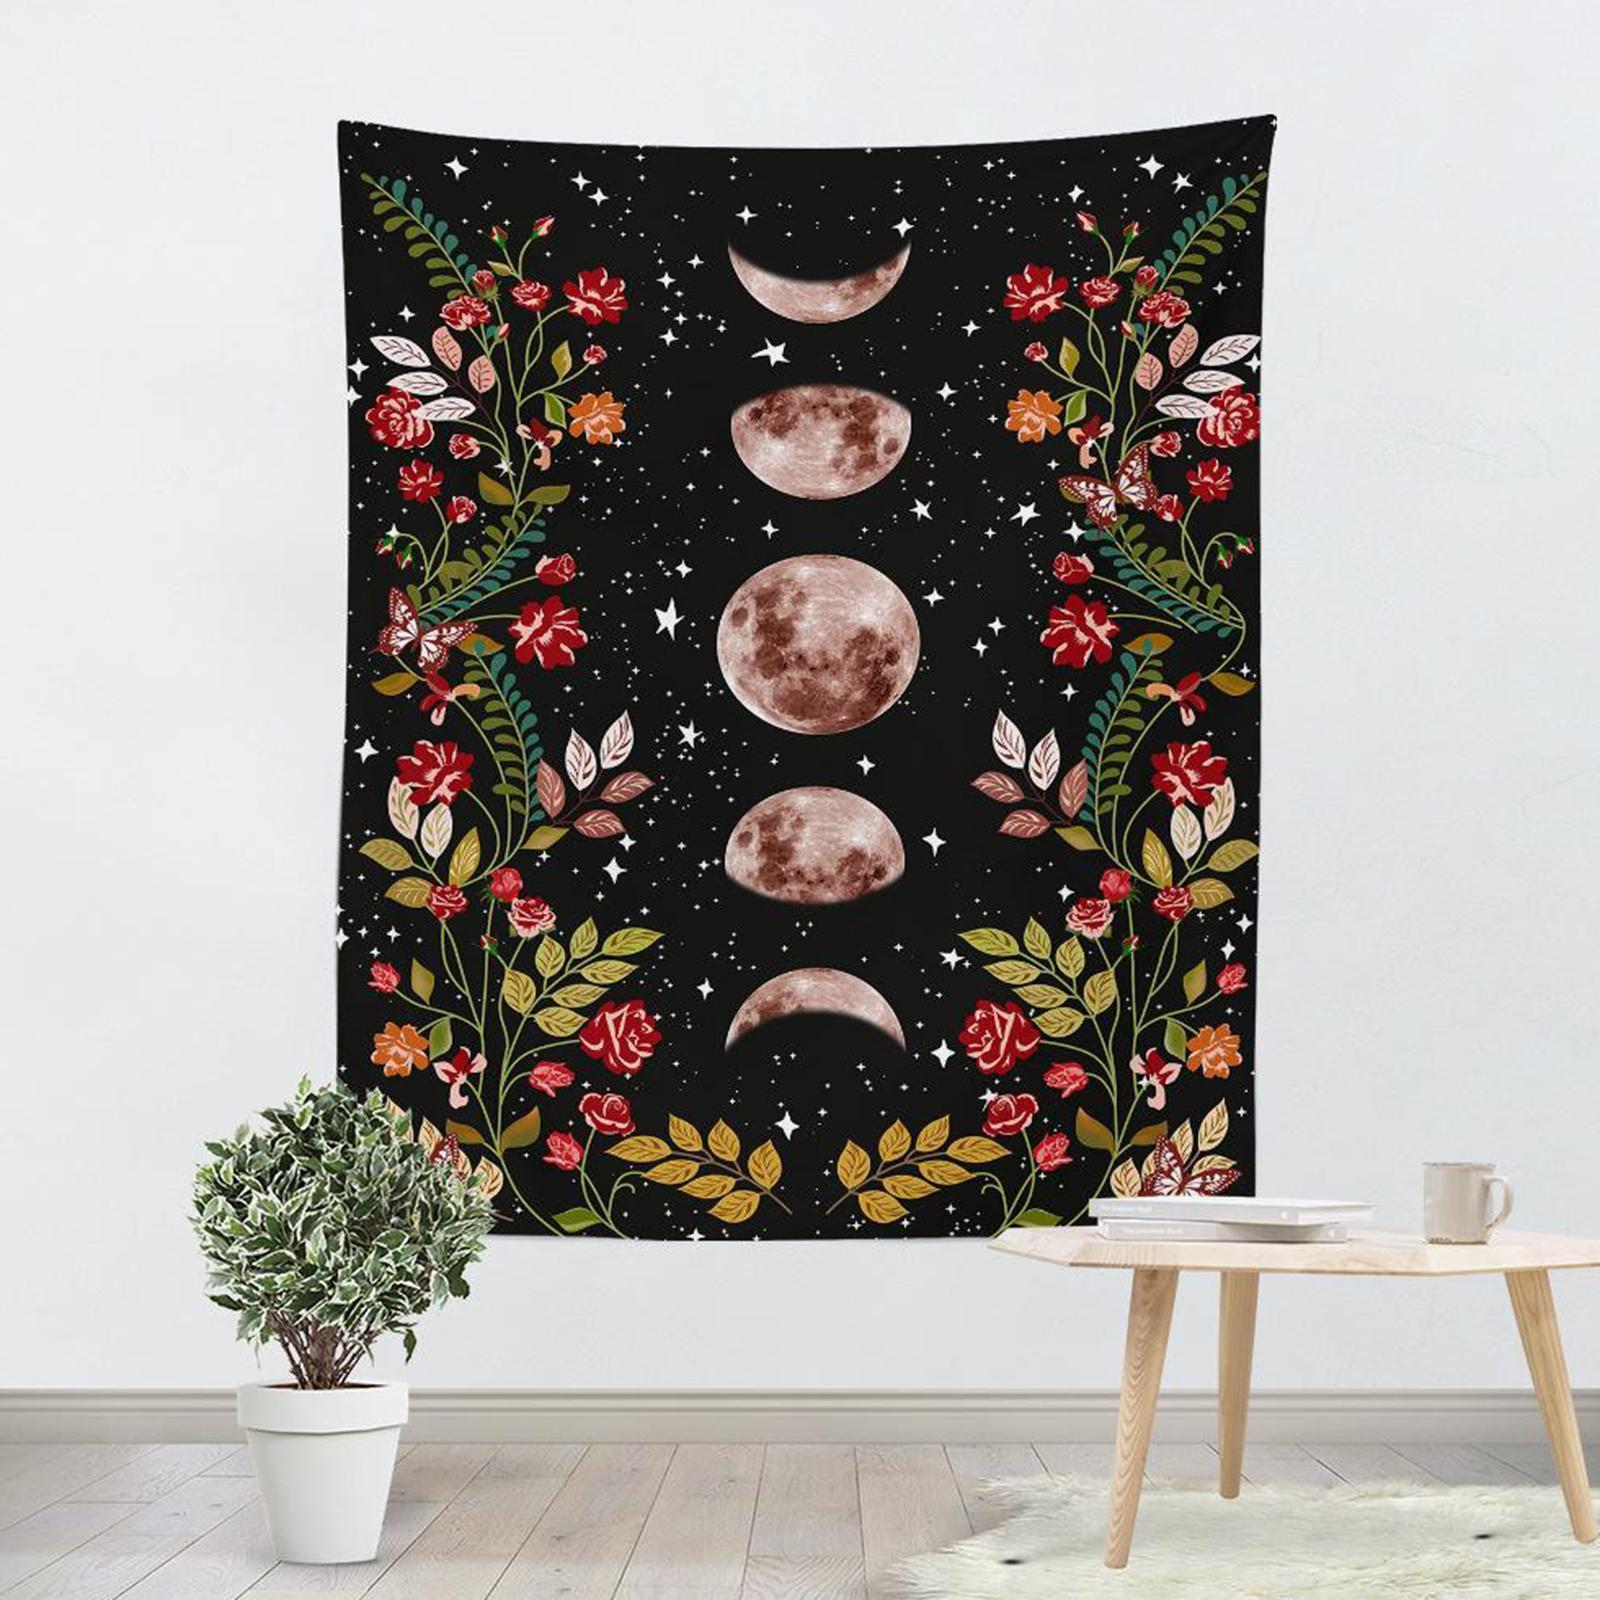 Arazzo-da-giardino-Moon-Star-Arazzi-Fiore-Vine-Arazzo-da-parete-Sfondo-nero miniatura 9